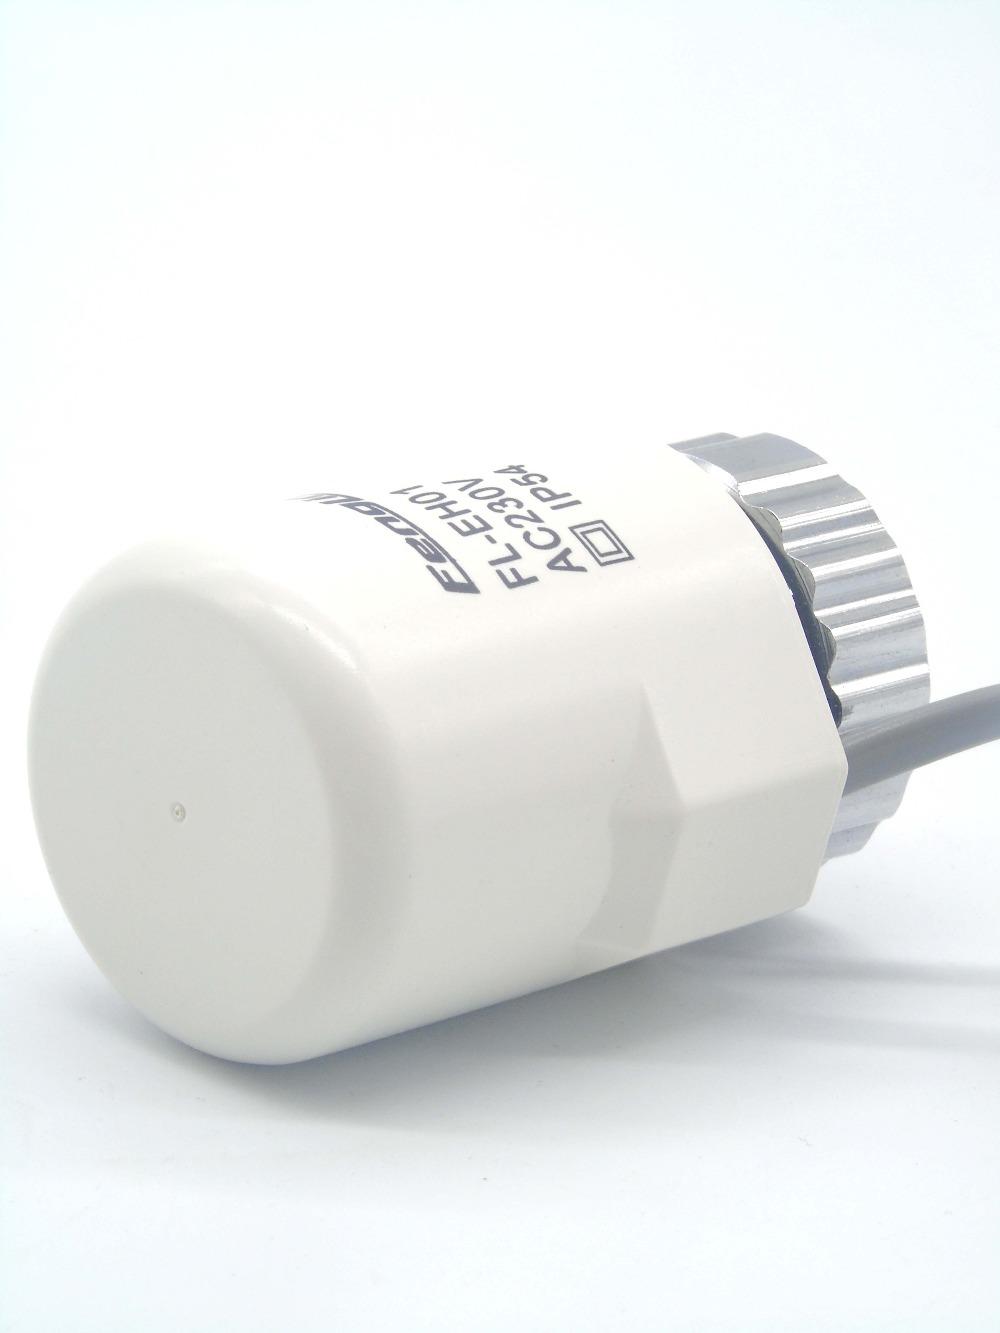 Compra t rmica de calefacci n por suelo radiante online al for Suelo radiante electrico precio m2